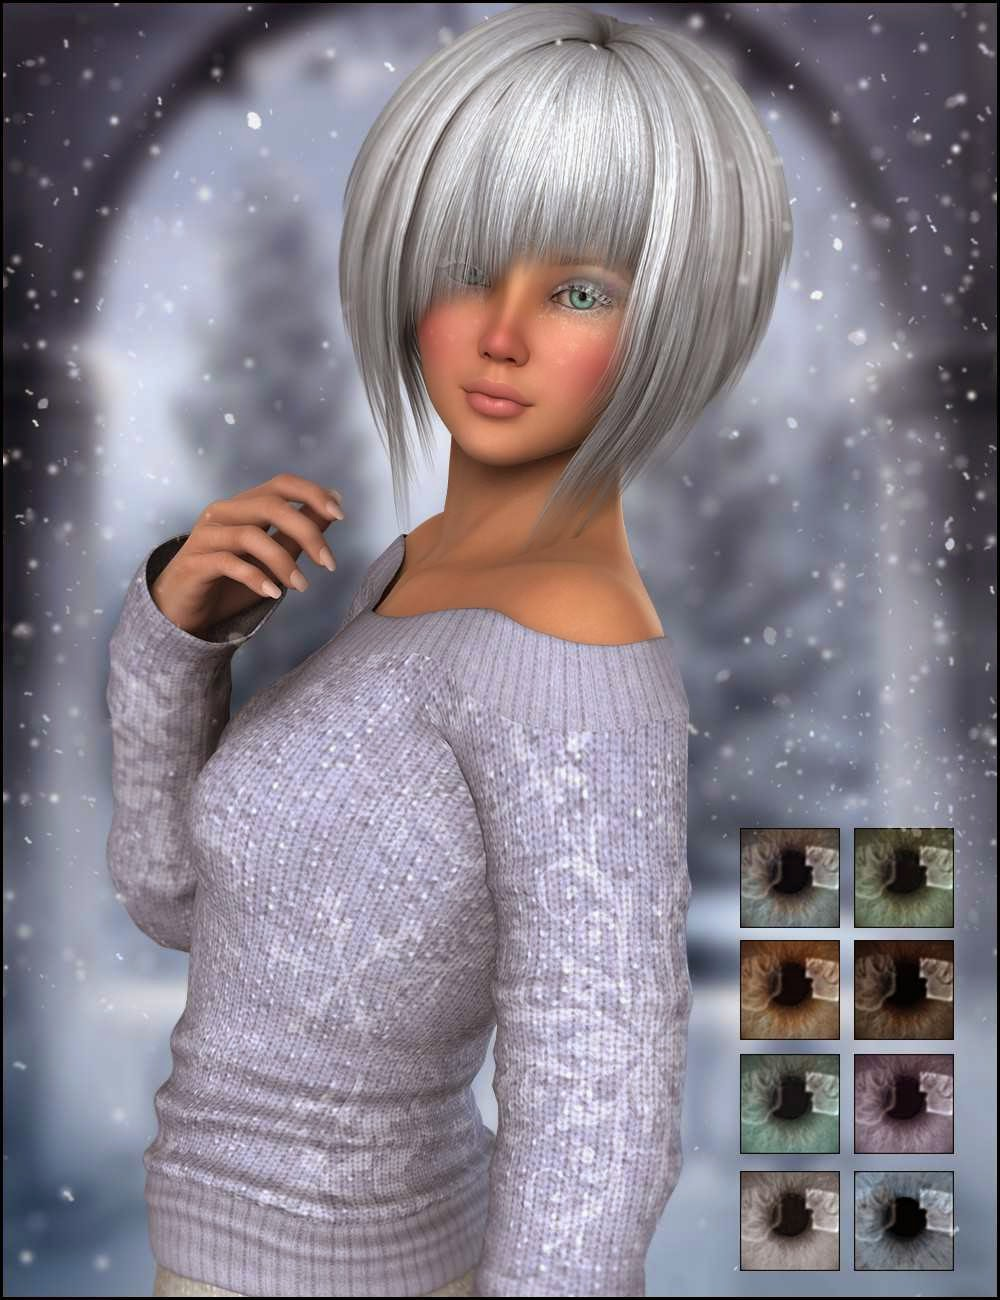 DAZ 3D - Décembre pour Belle 6